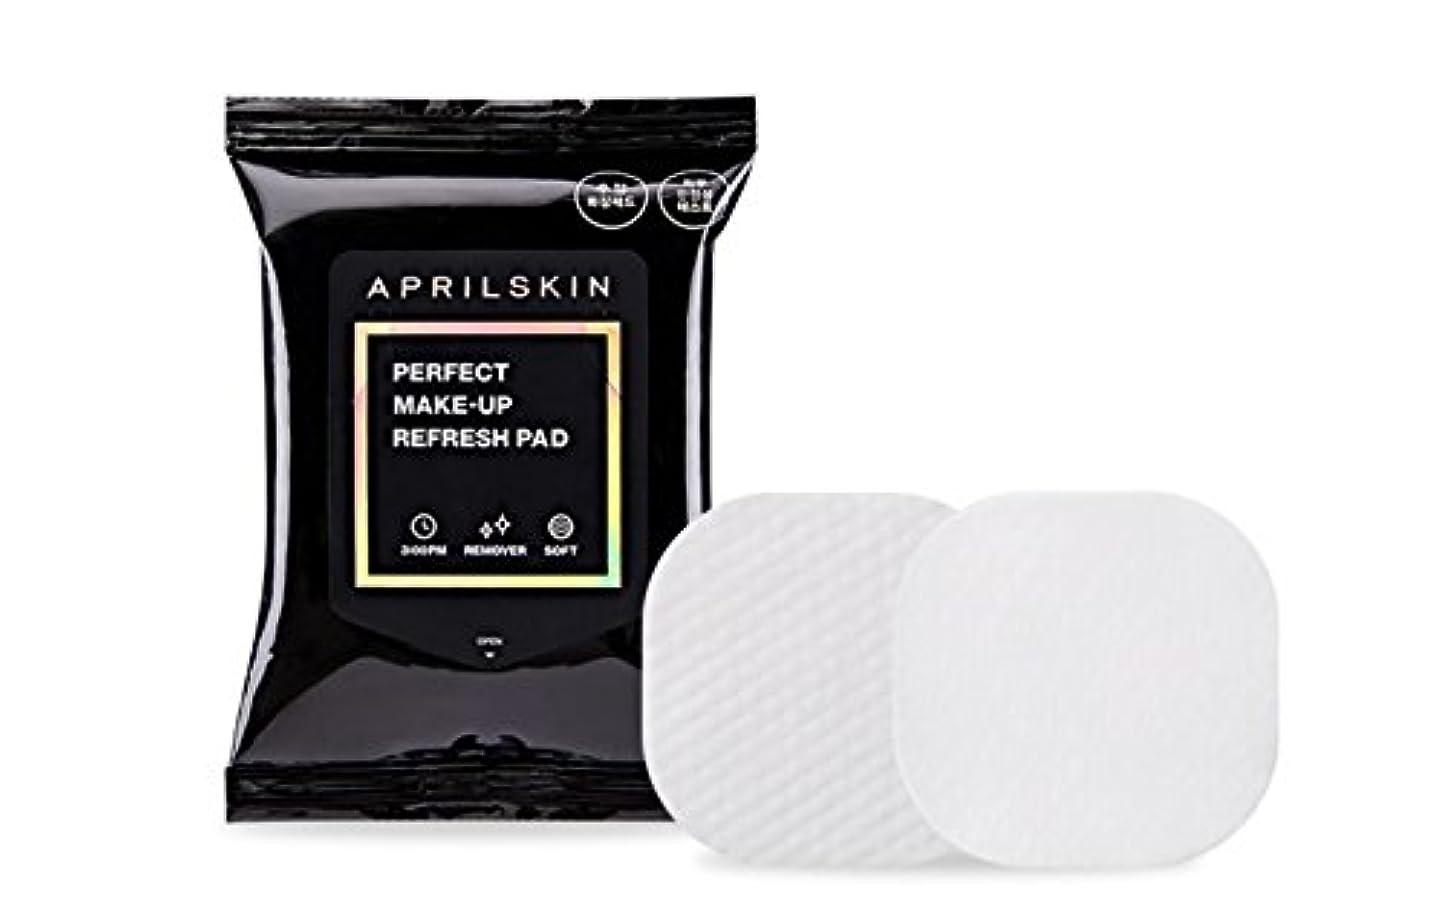 興味ストレスみすぼらしい[APRILSKIN] エイプリルスキンパーフェクト修正化粧パッド 55g 30枚 / PERFECT MAKE-UP REFRESH PAD [並行輸入品]